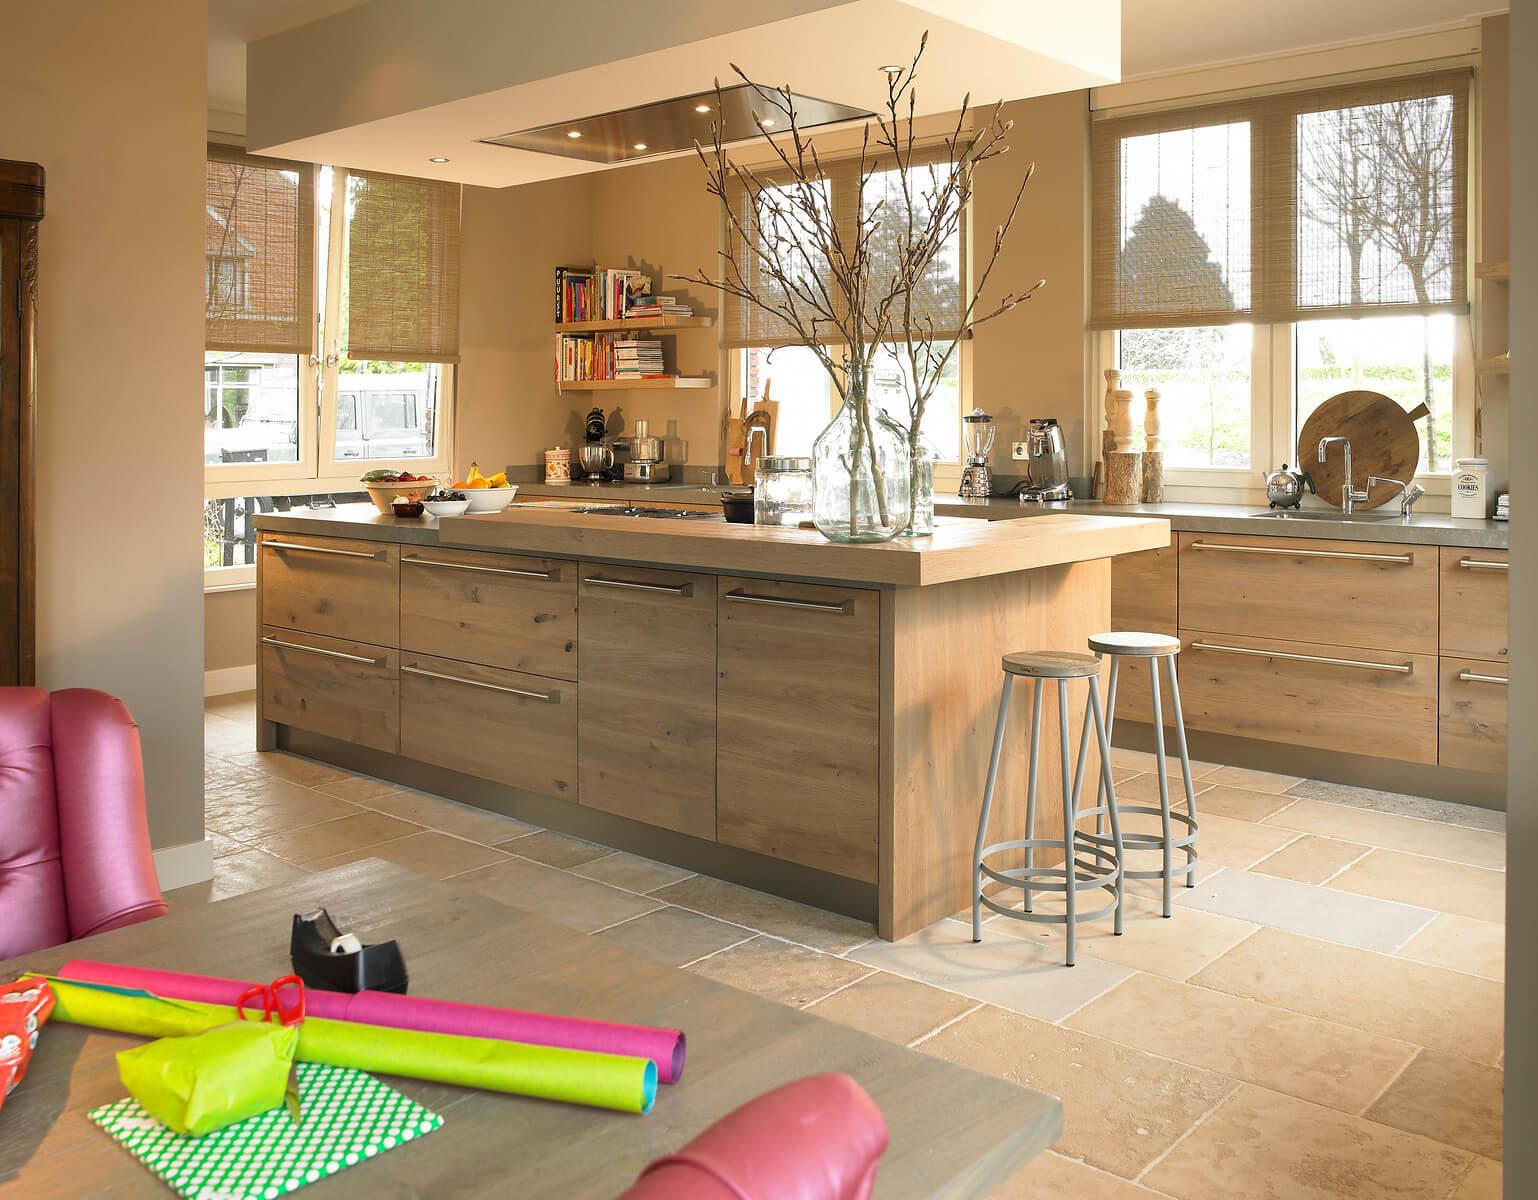 Keuken met geintegreerde eettafel woonkeuken